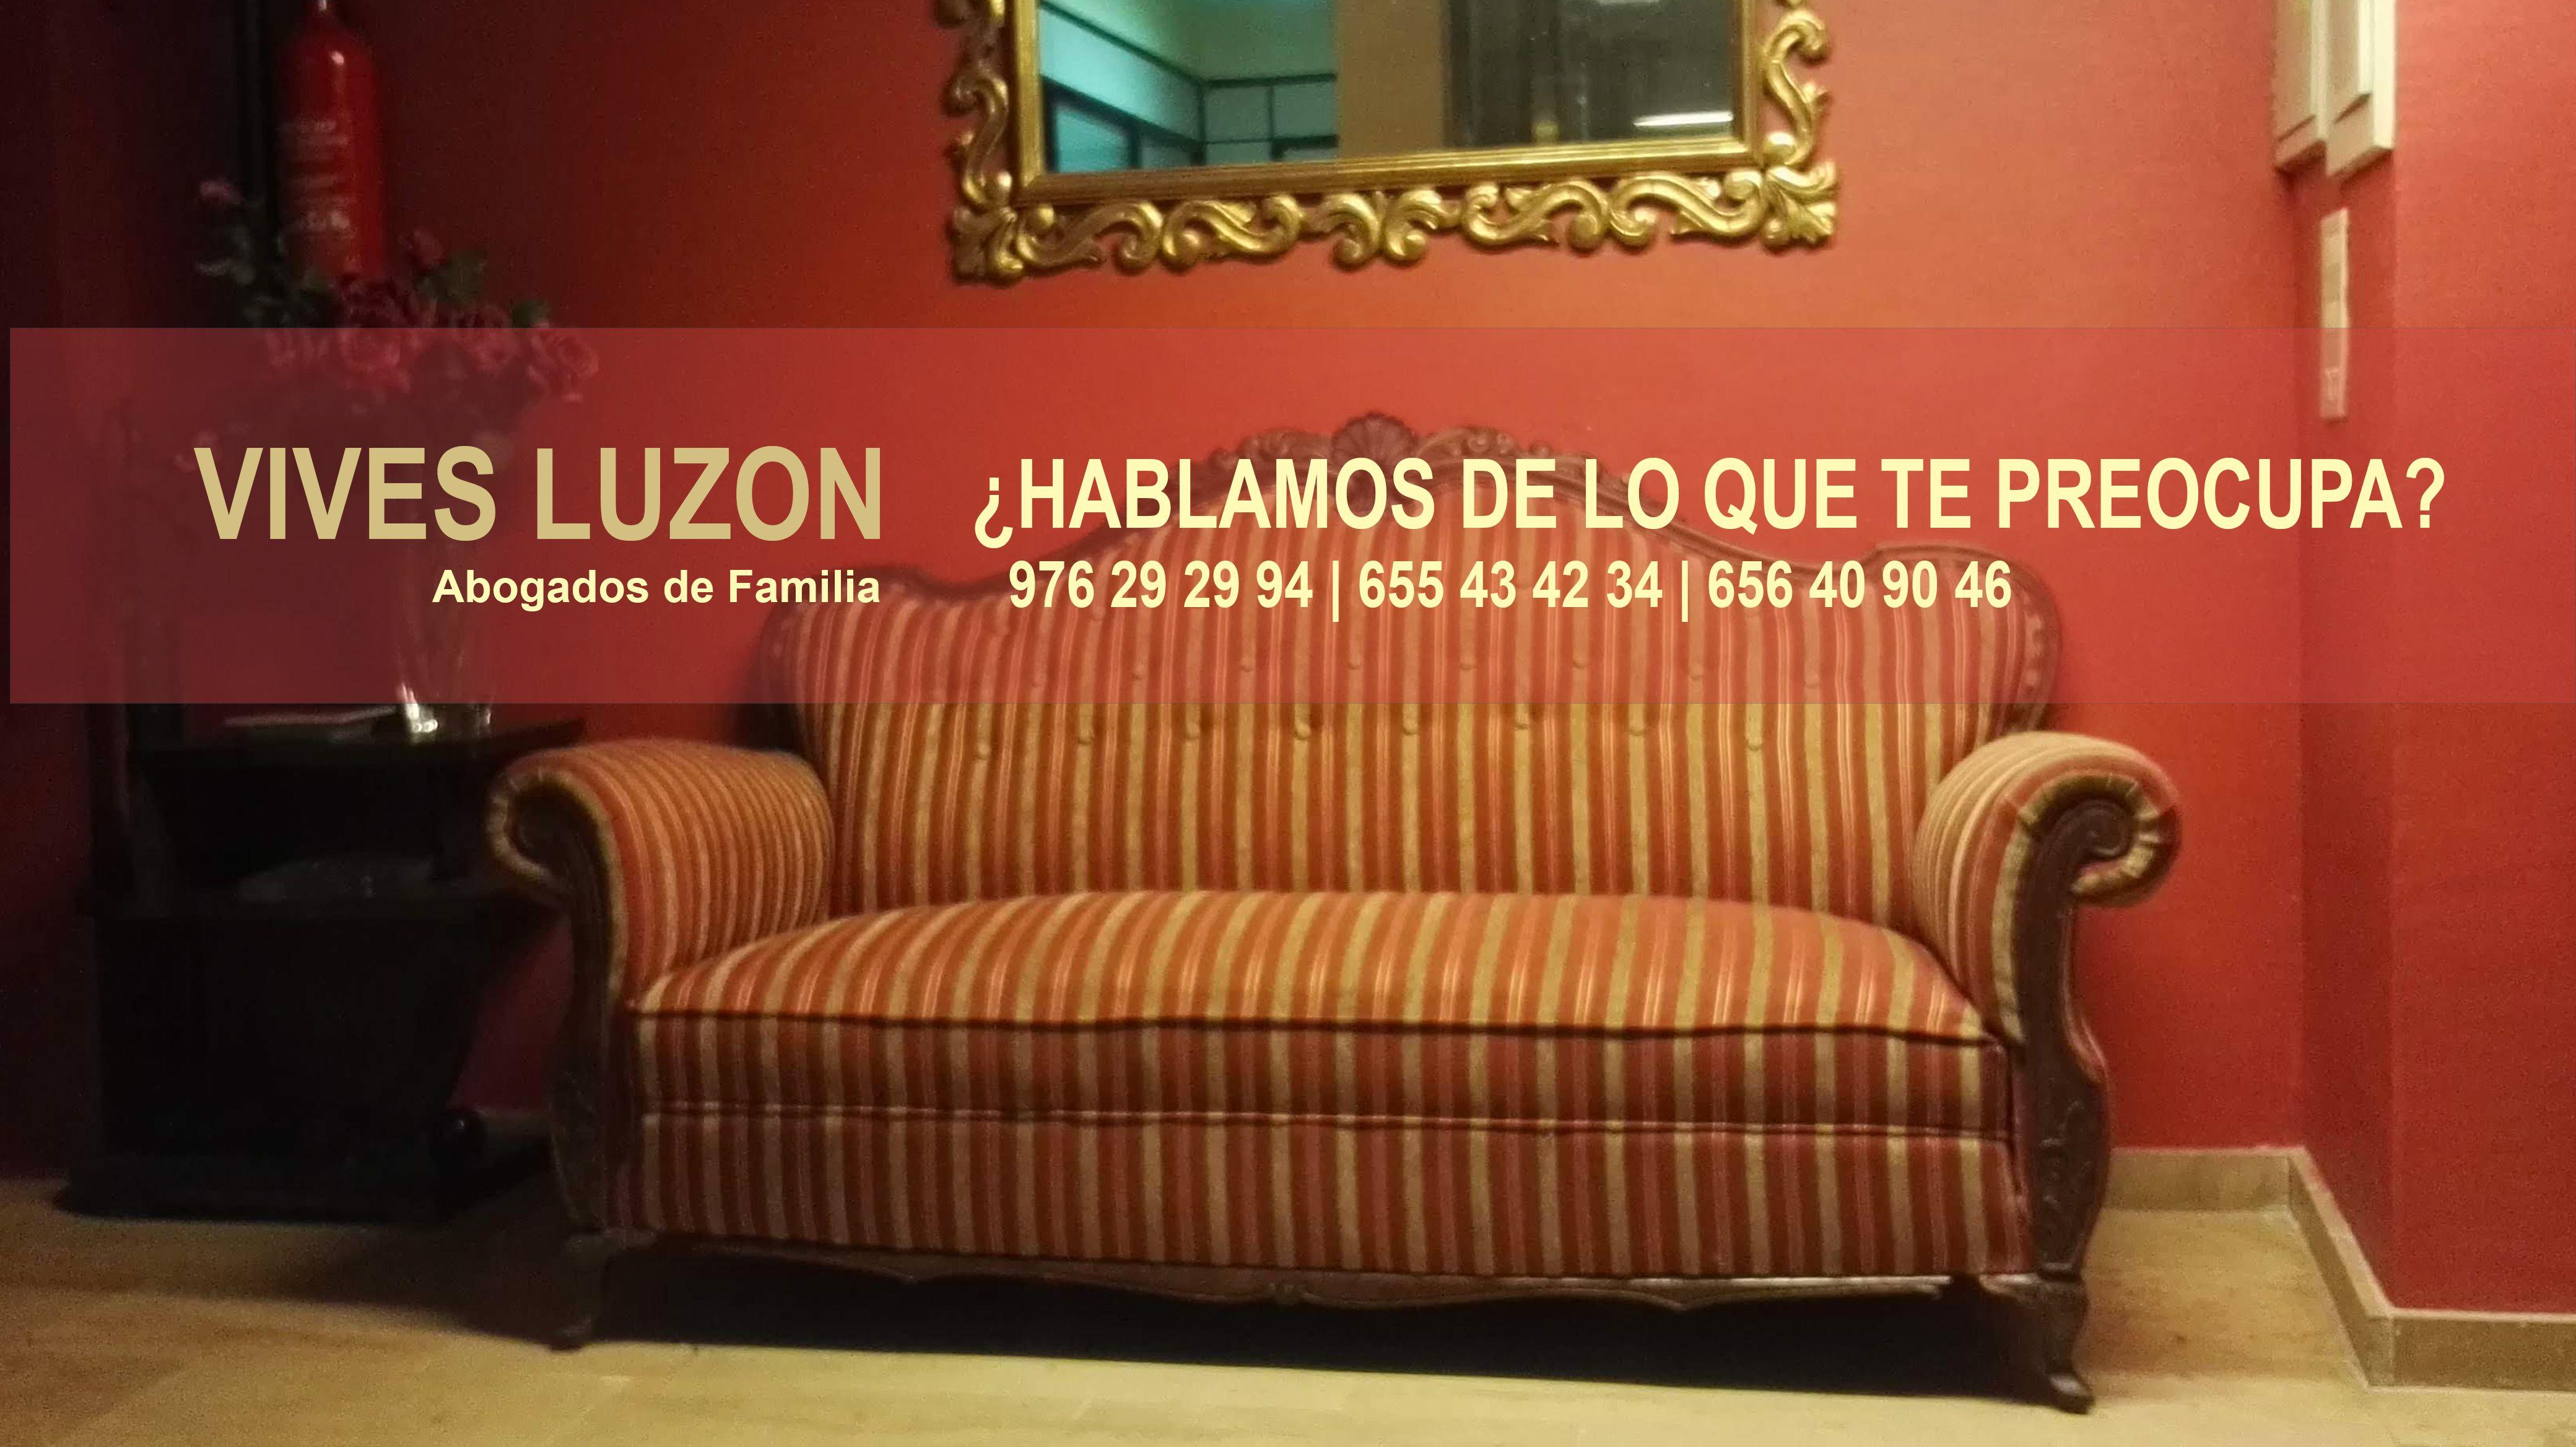 Abogados de separaciones y divorcios en Zaragoza